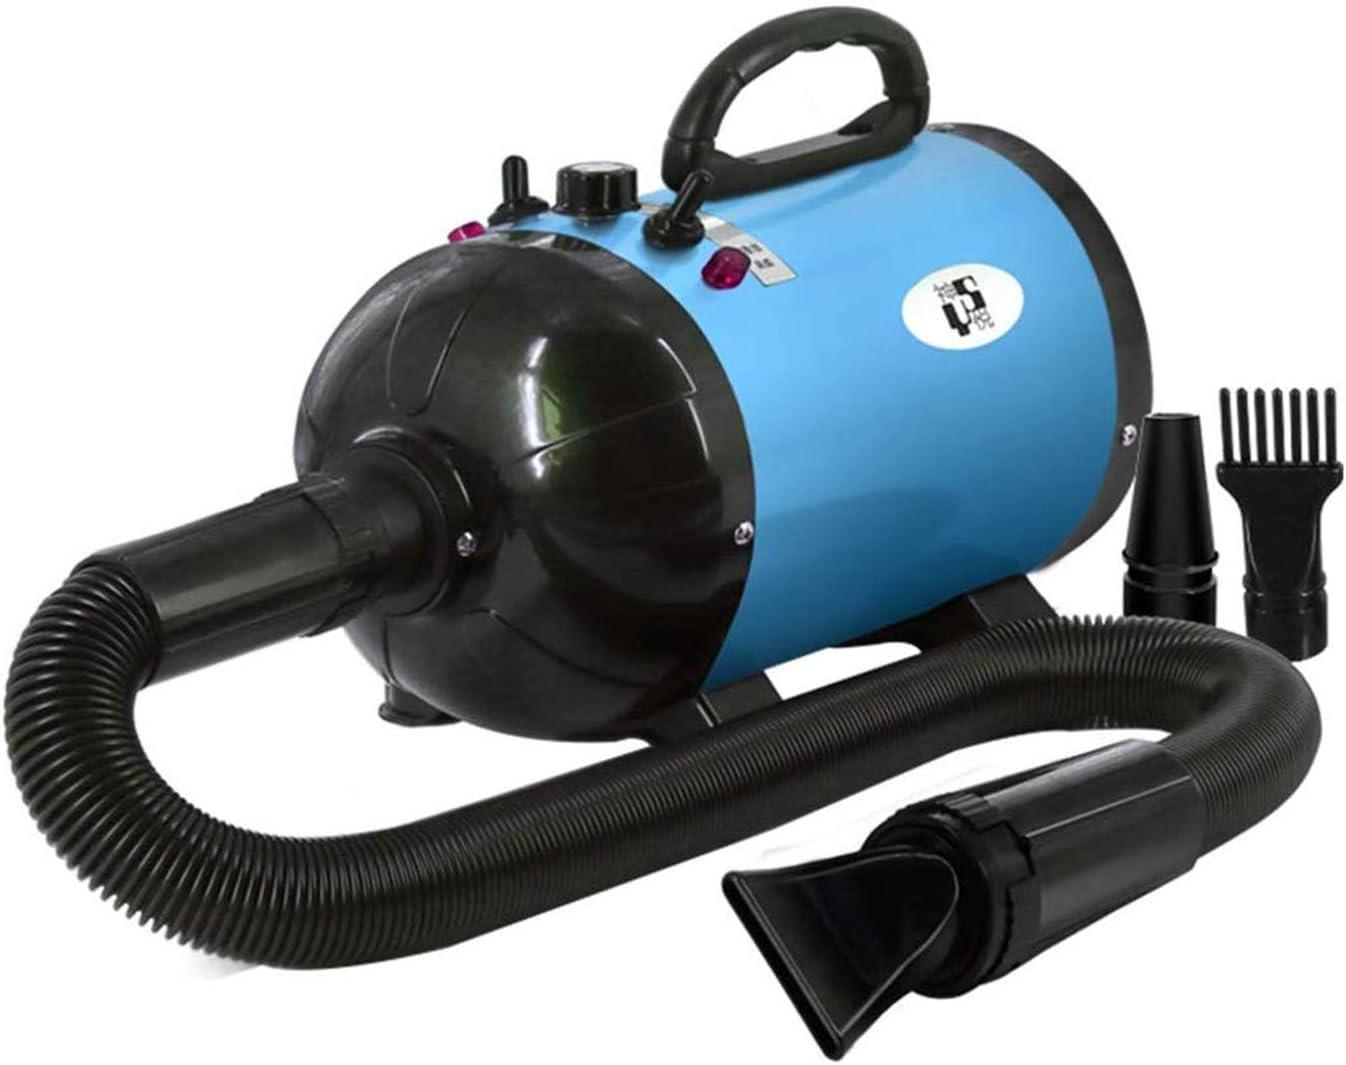 SXCWC Blowing Profesional del Animal doméstico Especial Belleza del Perro de Agua máquina de soplado de Alta reducción de Ruido Silencio Pequeño Medio Grande Y Perro Blowing Secador de Pelo,Azul